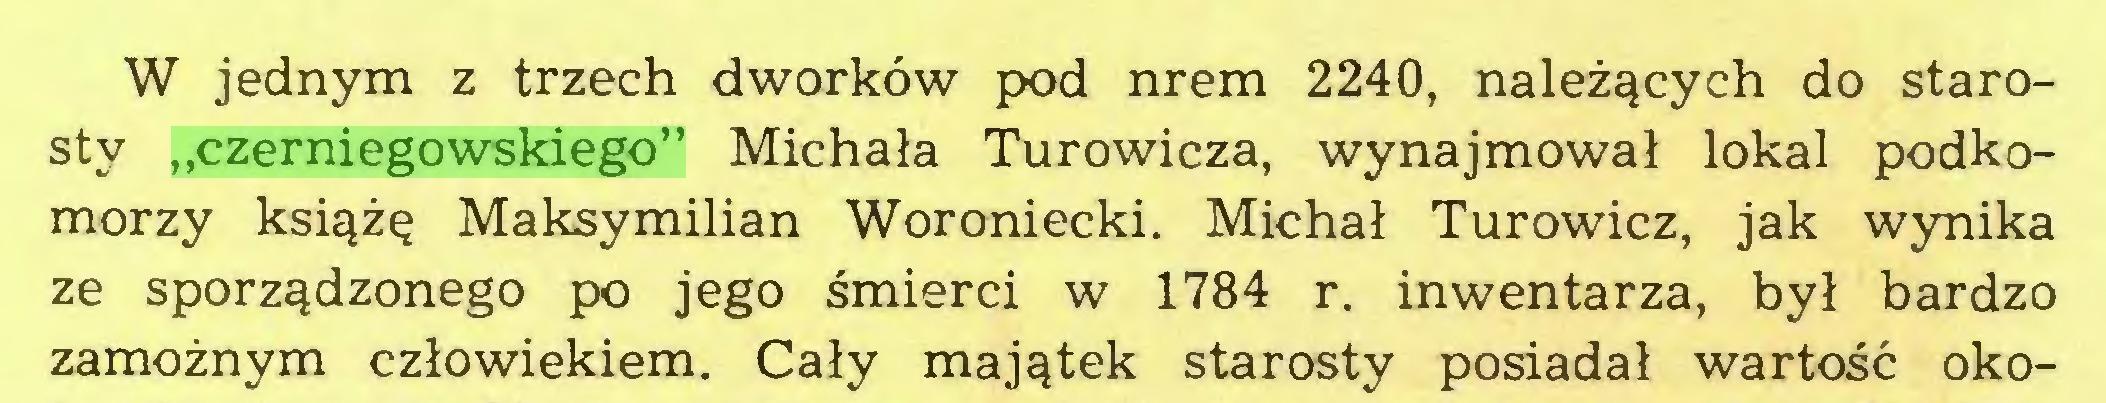 """(...) W jednym z trzech dworków pod nrem 2240, należących do starosty """"czerniegowskiego"""" Michała Turowicza, wynajmował lokal podkomorzy książę Maksymilian Woroniecki. Michał Turowicz, jak wynika ze sporządzonego po jego śmierci w 1784 r. inwentarza, był bardzo zamożnym człowiekiem. Cały majątek starosty posiadał wartość oko..."""